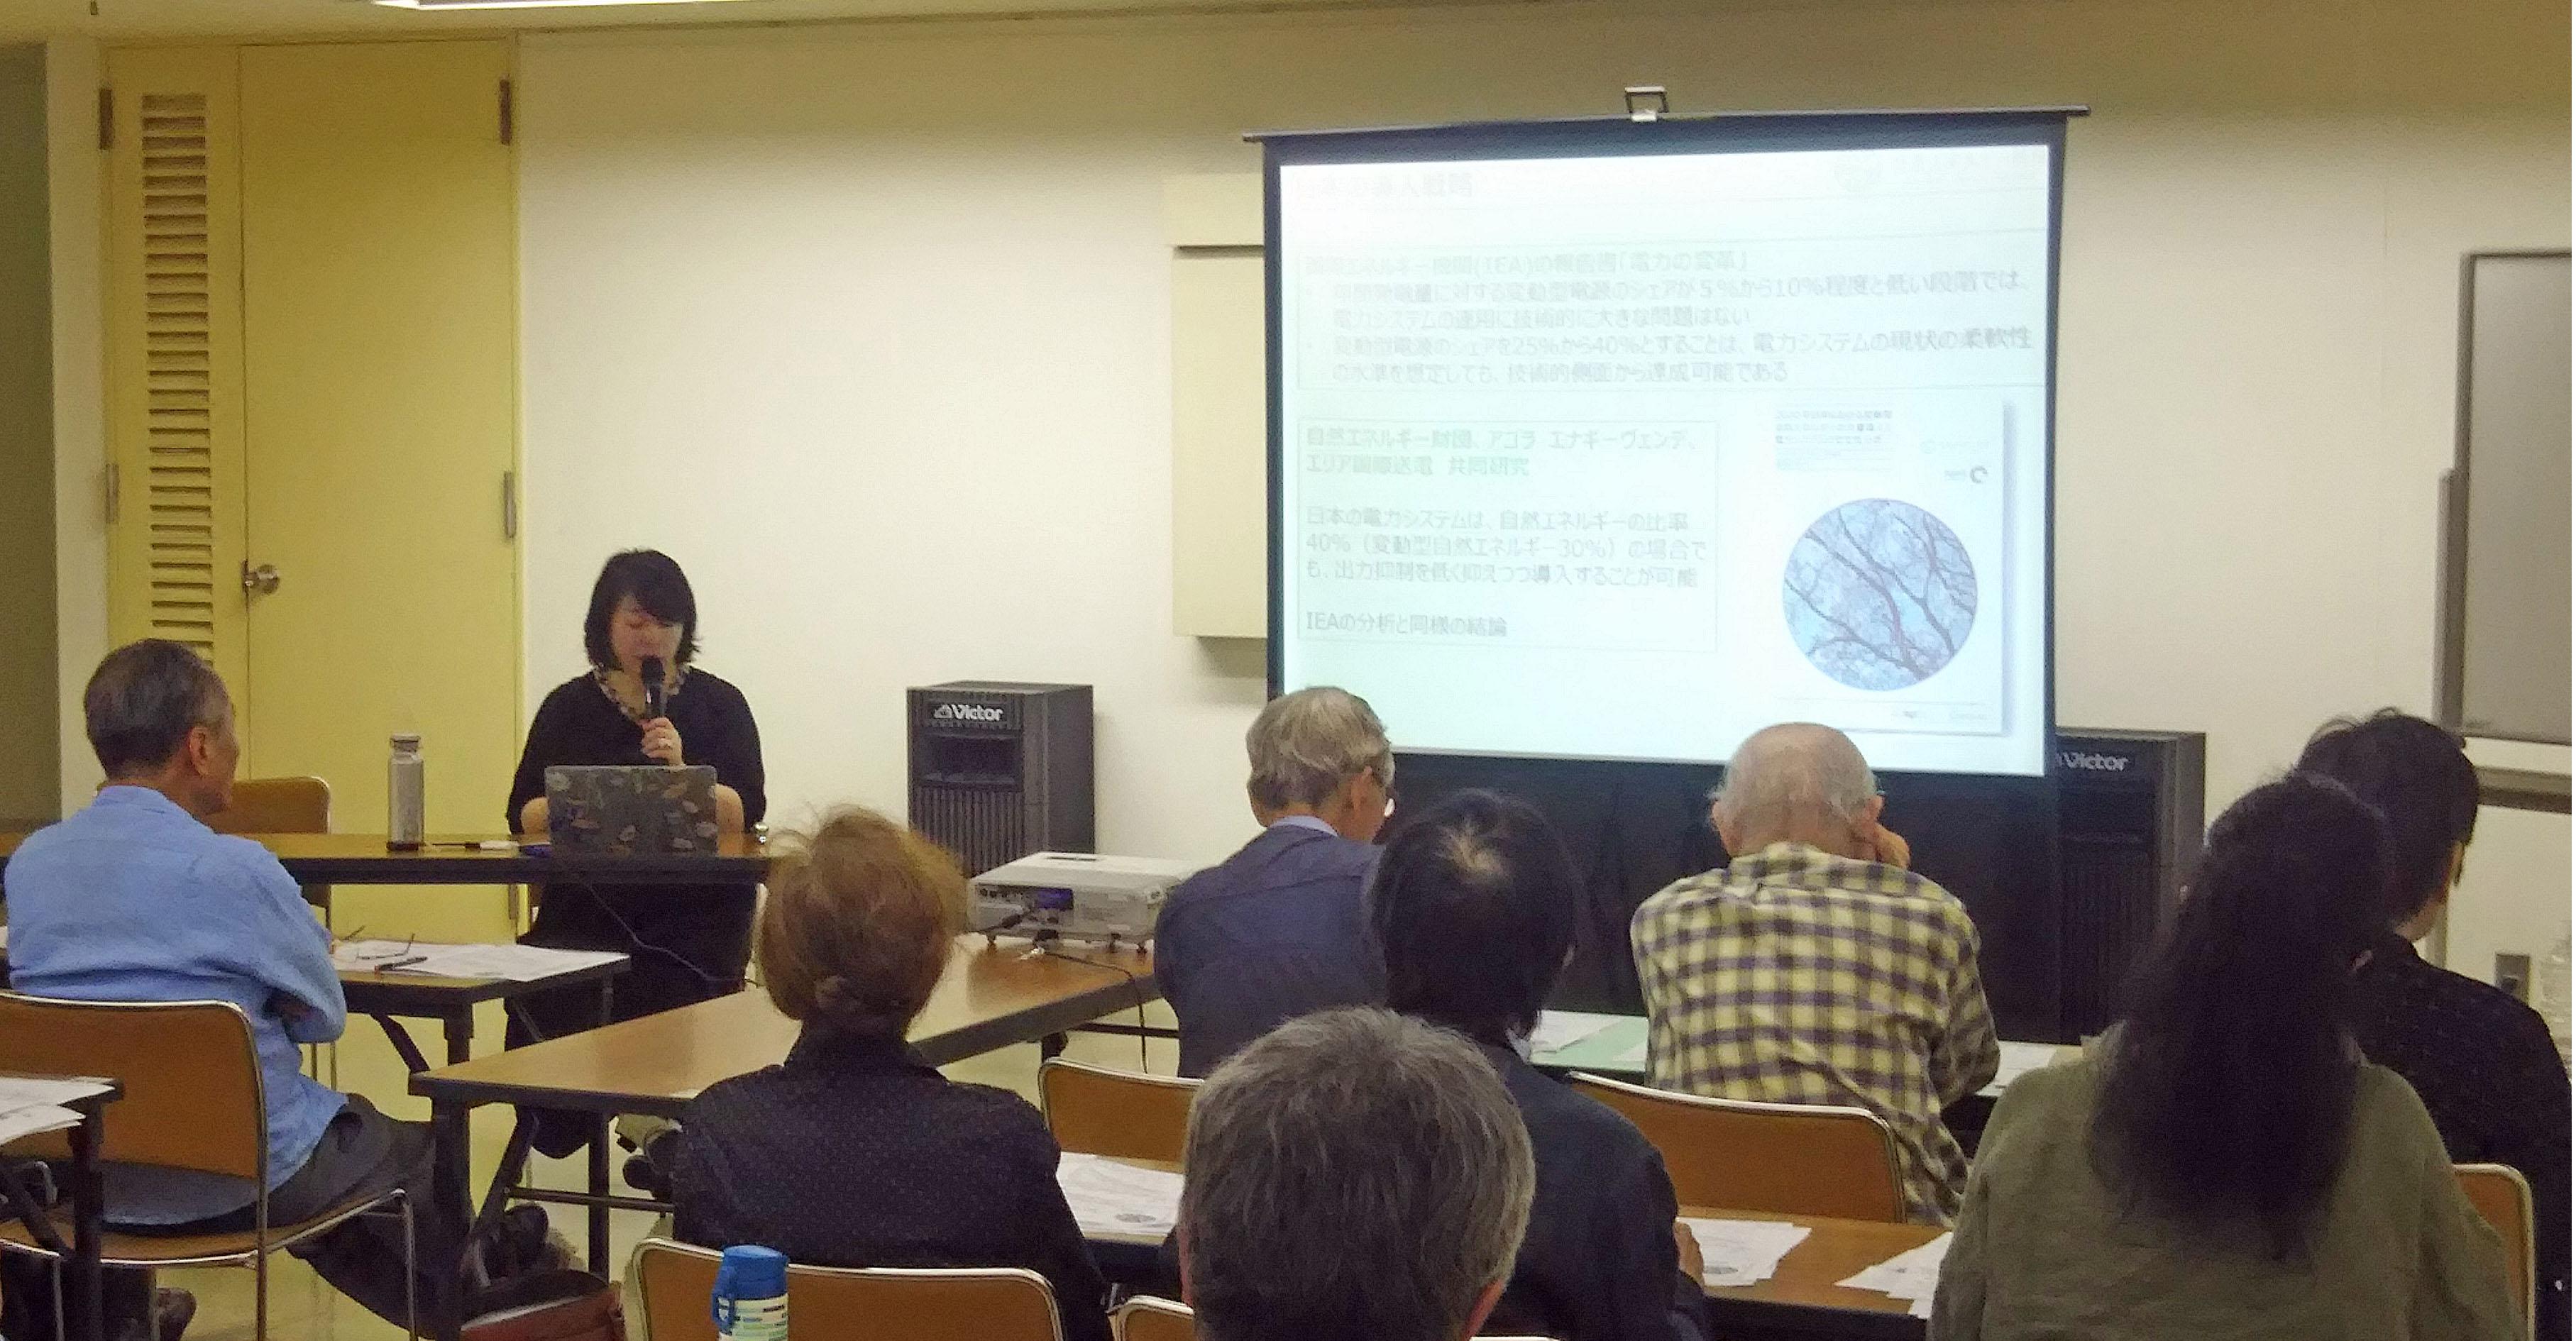 【開催報告】年次総会&大林ミカさん講演会「世界の自然エネルギー最新事情」